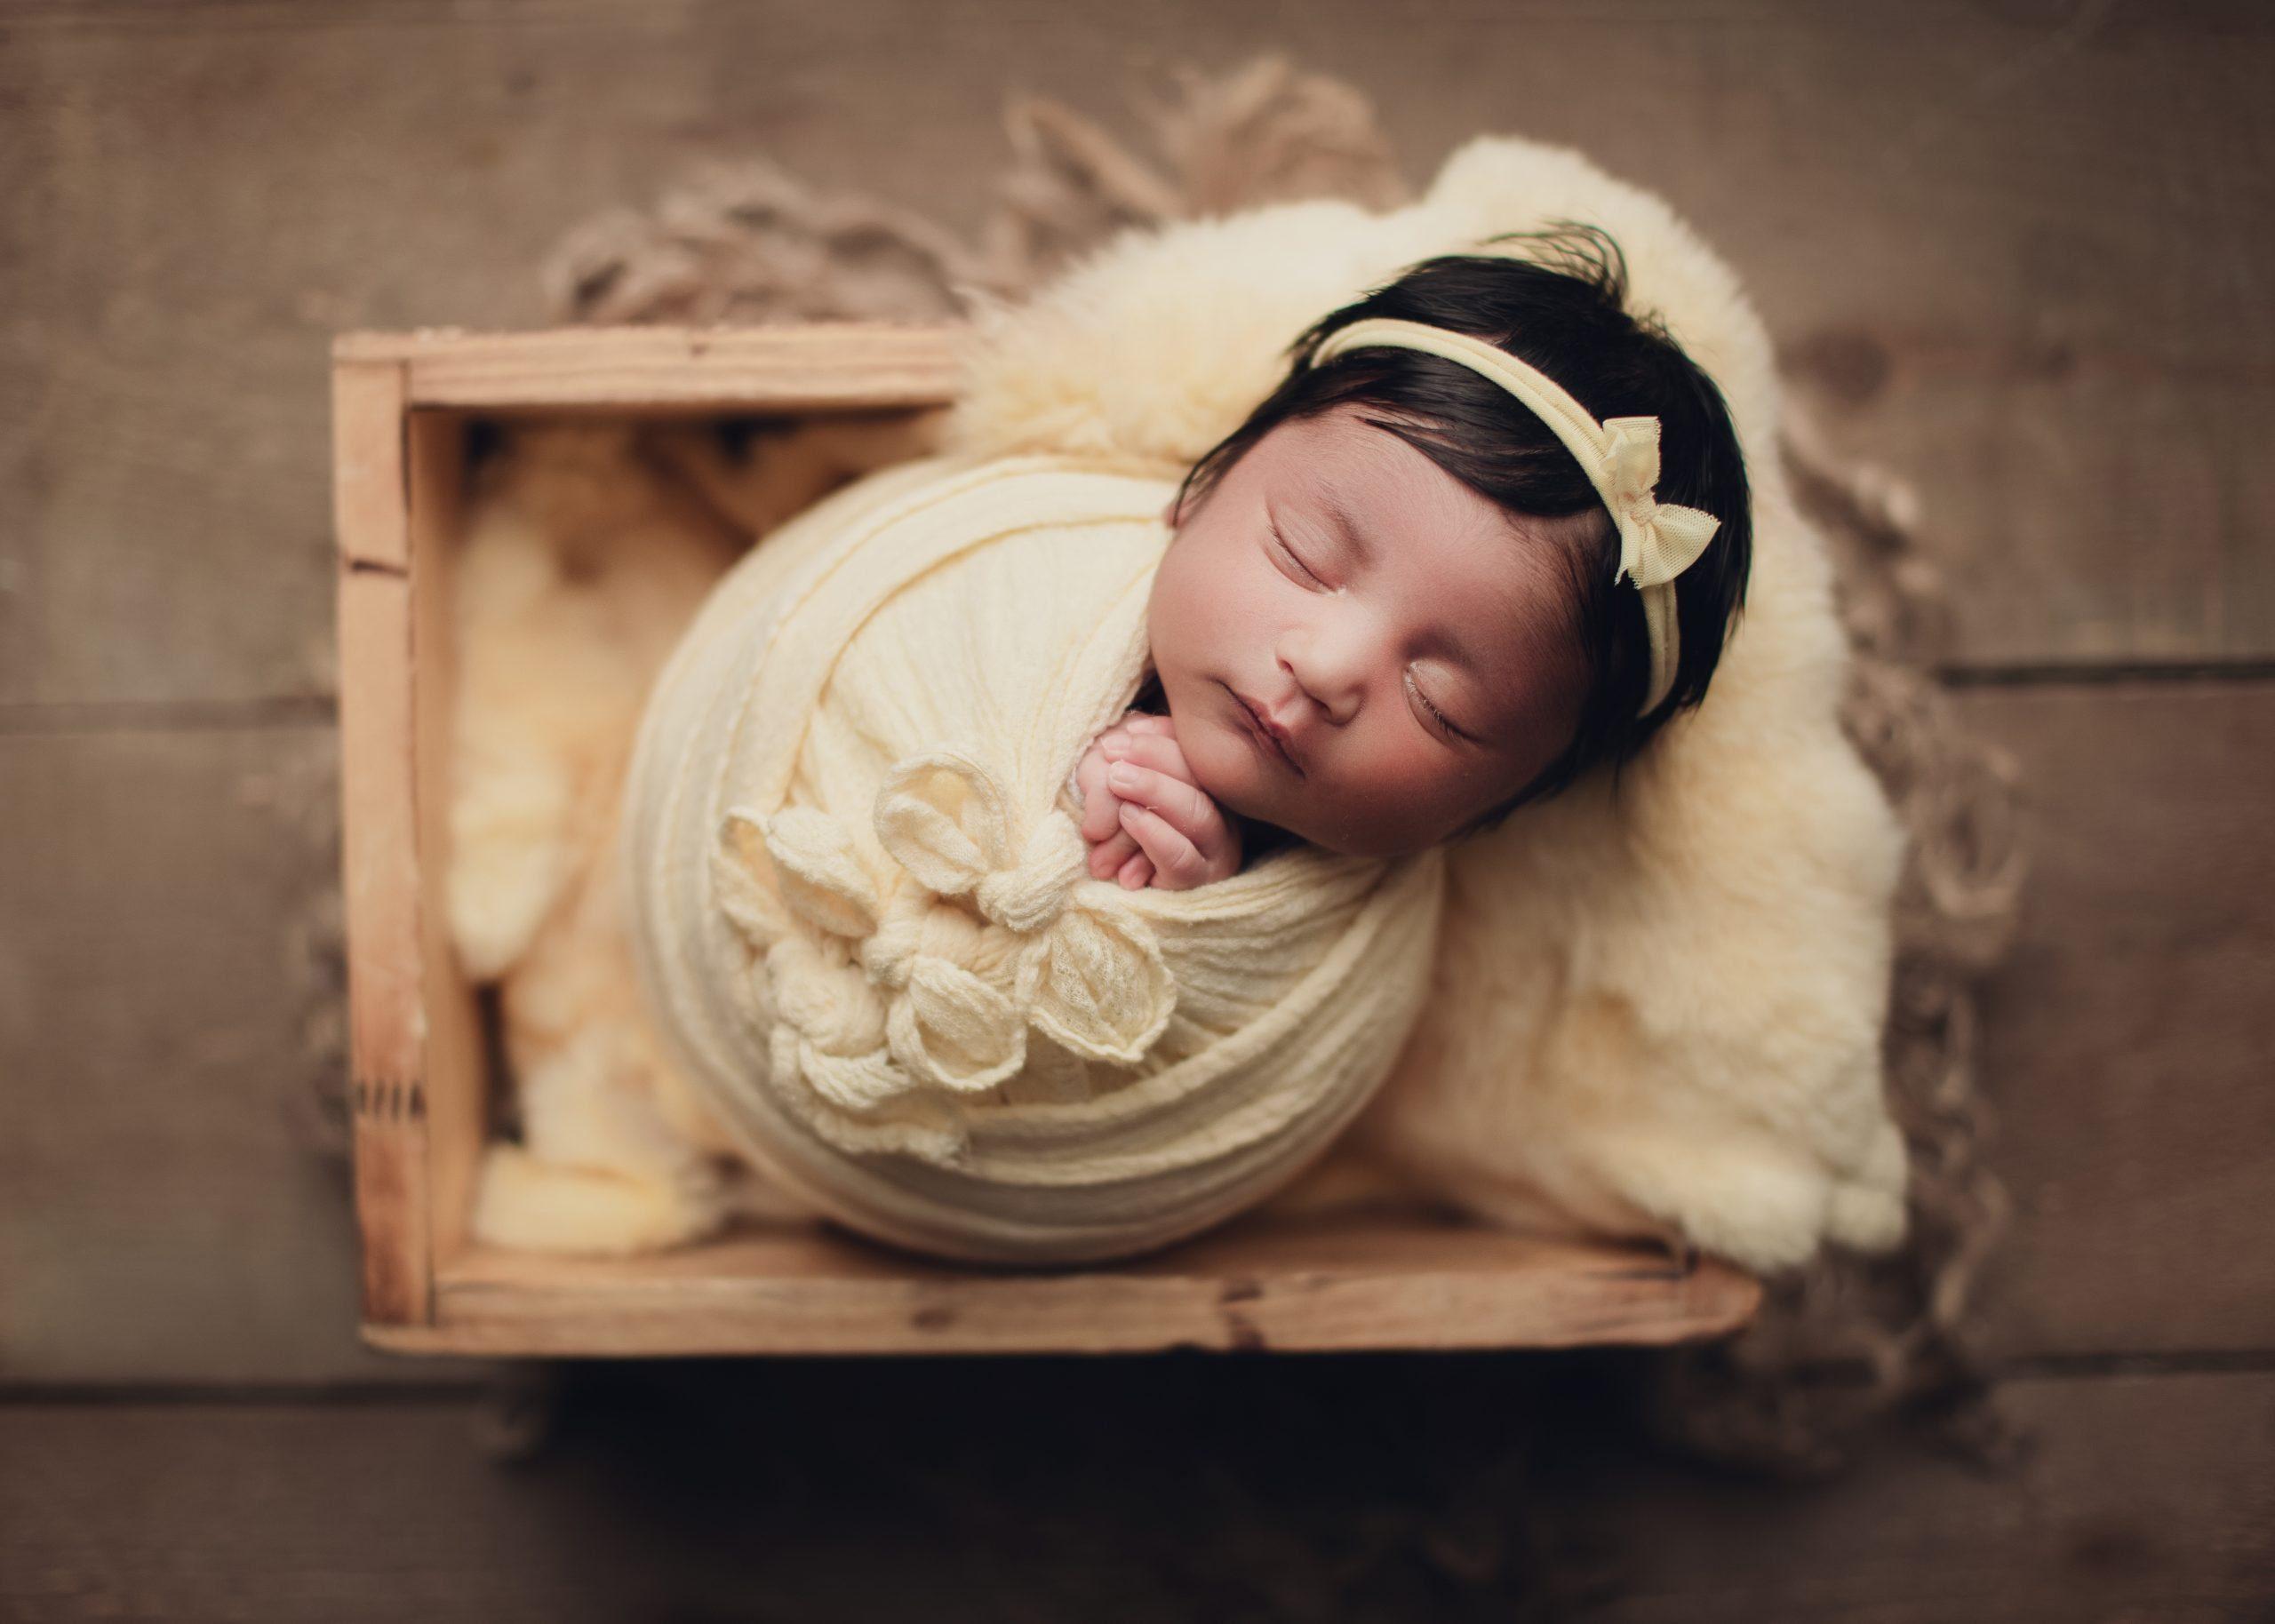 newborn baby prop, baby photoshoot